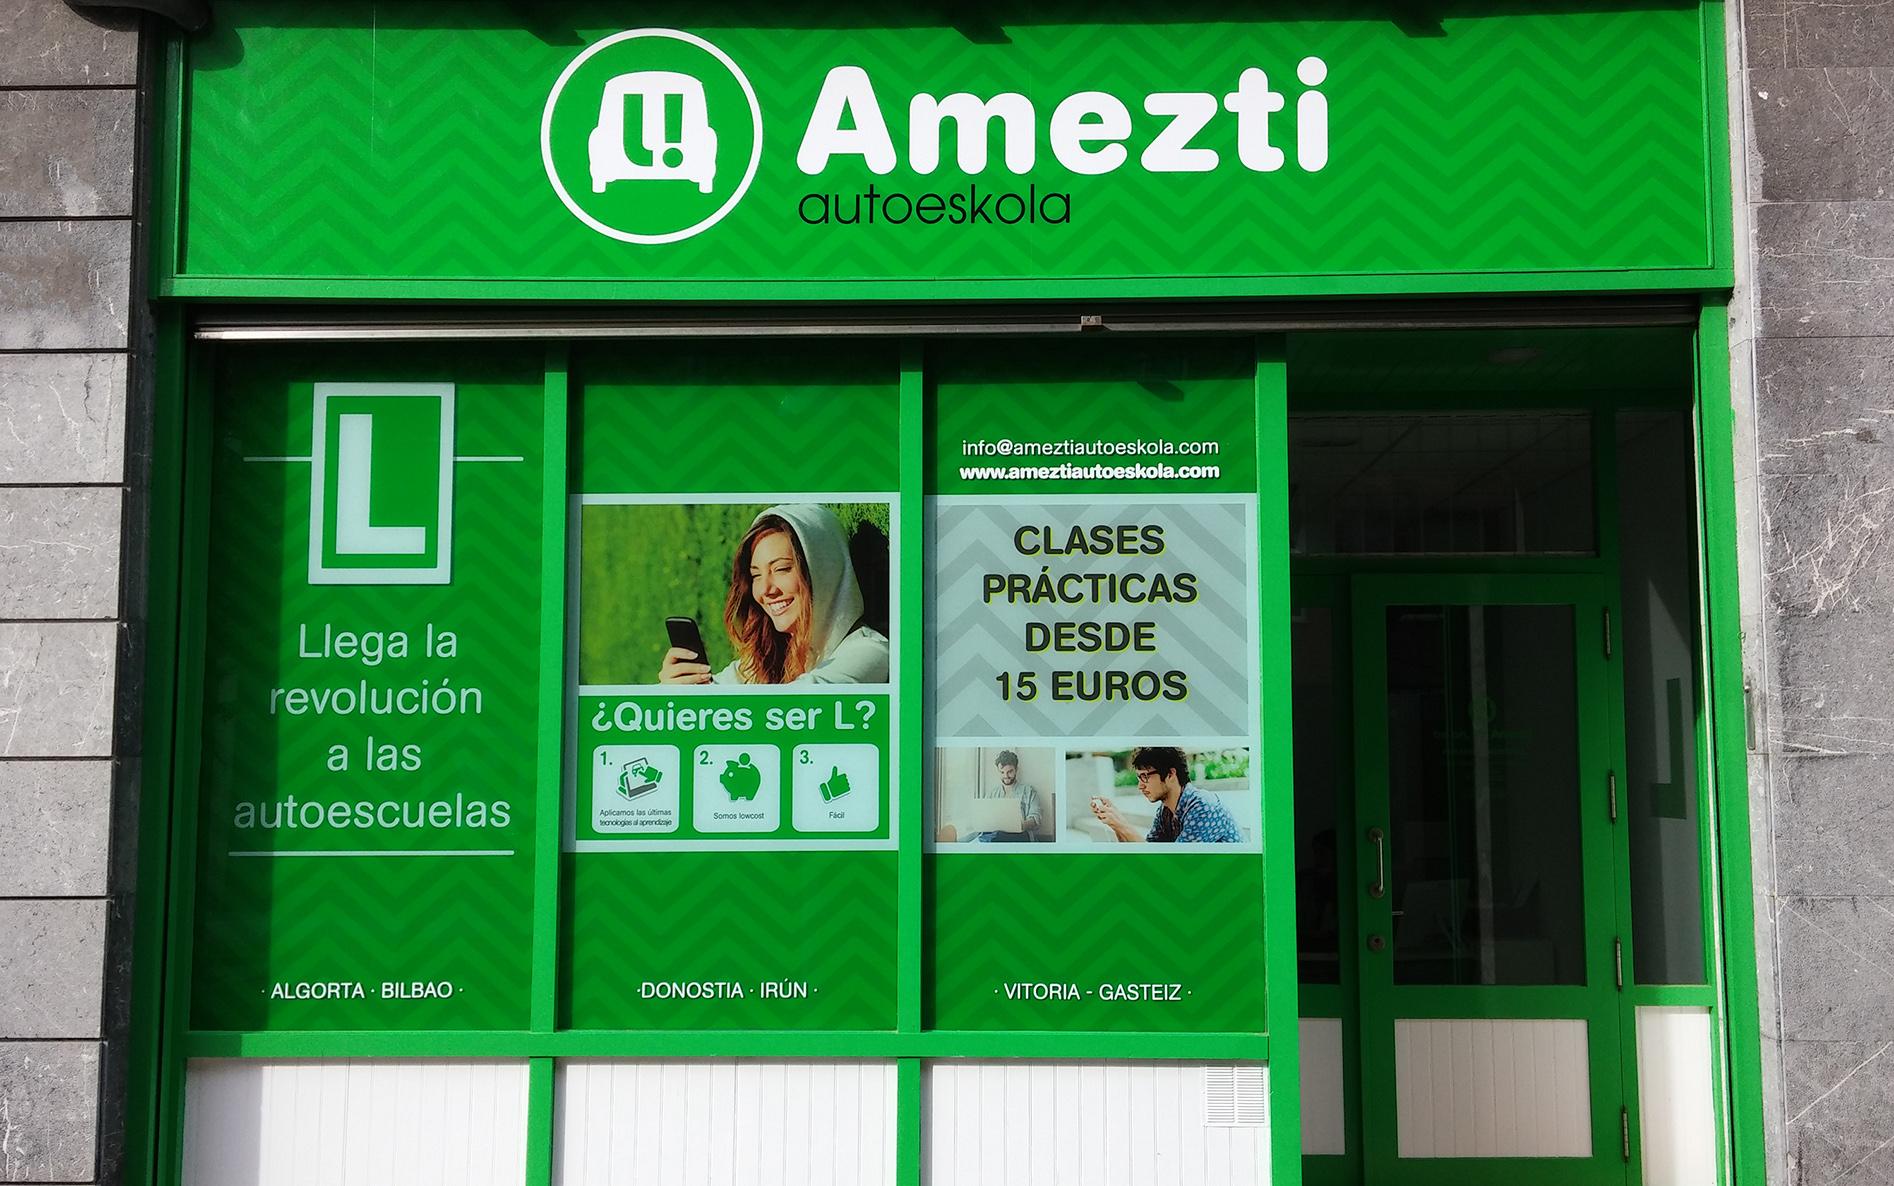 Amezti nueva marca